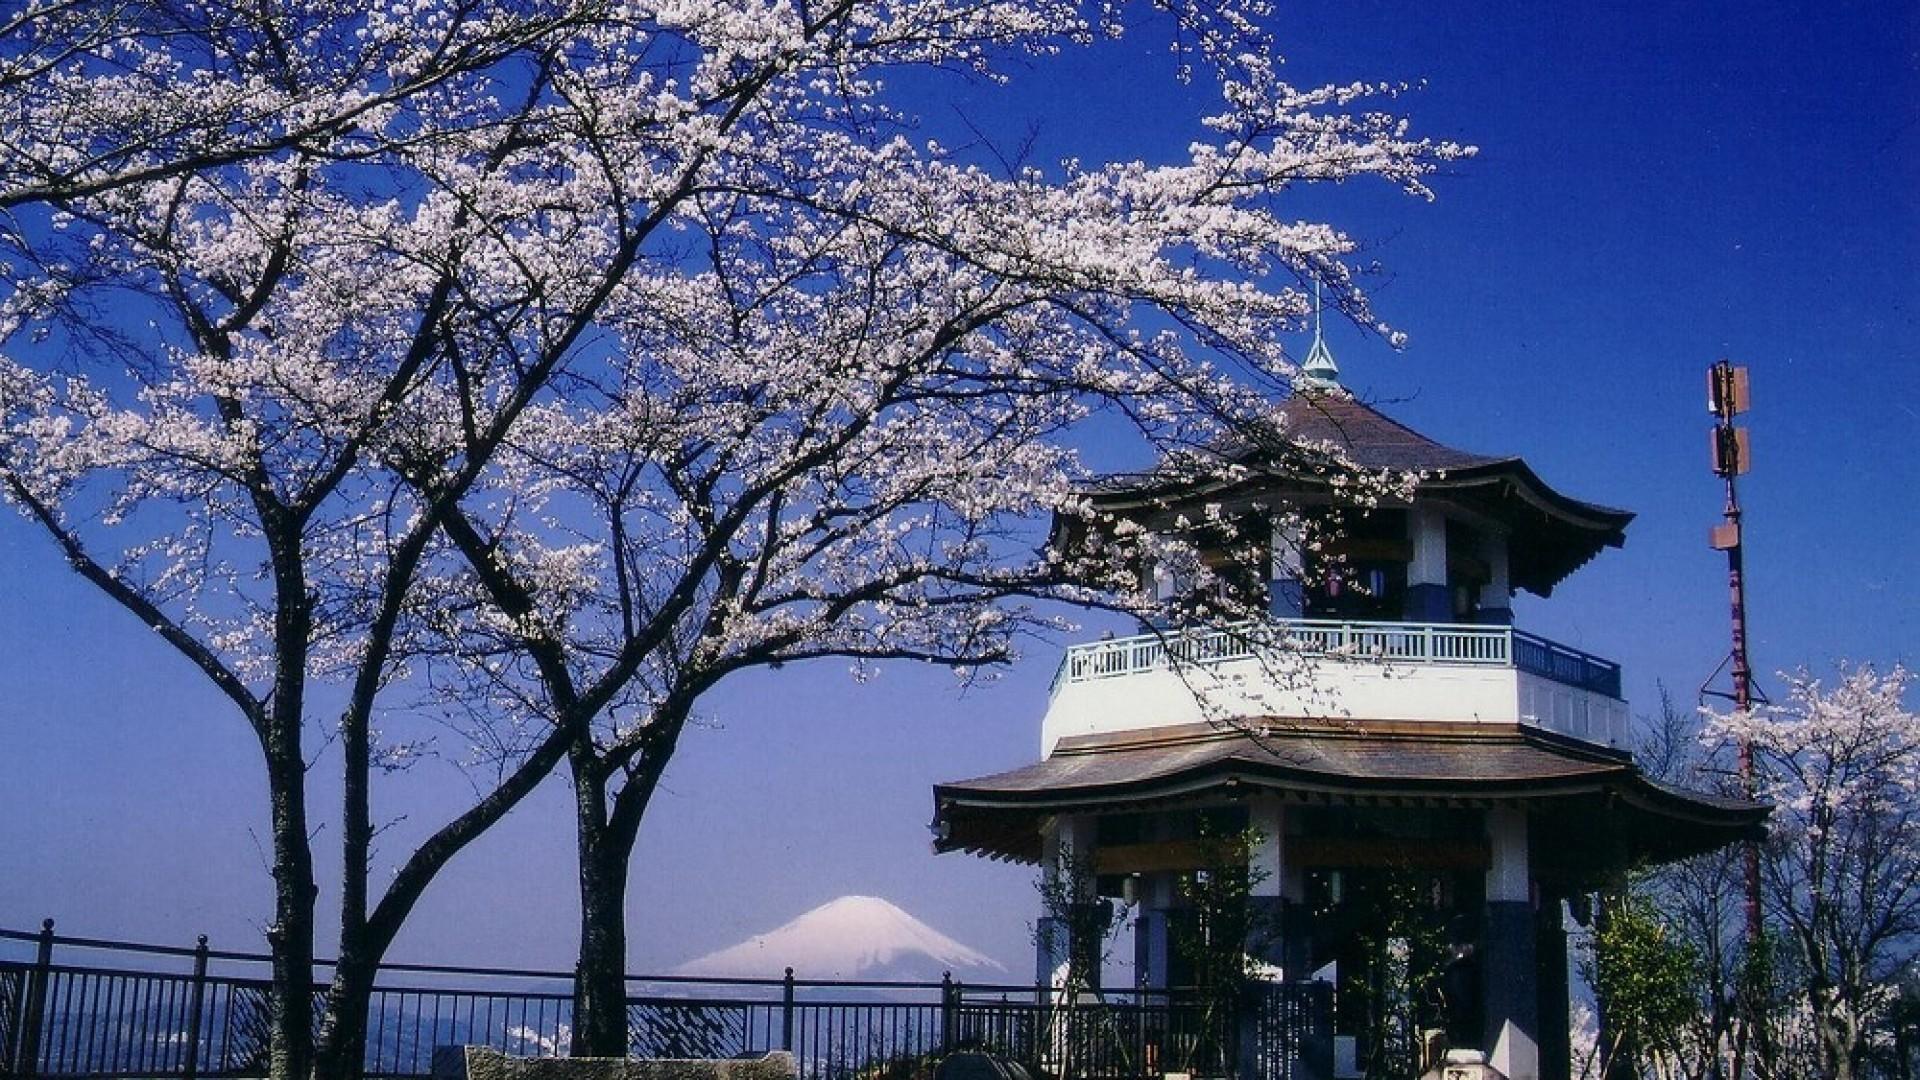 สวนโคะโบะยะมะ